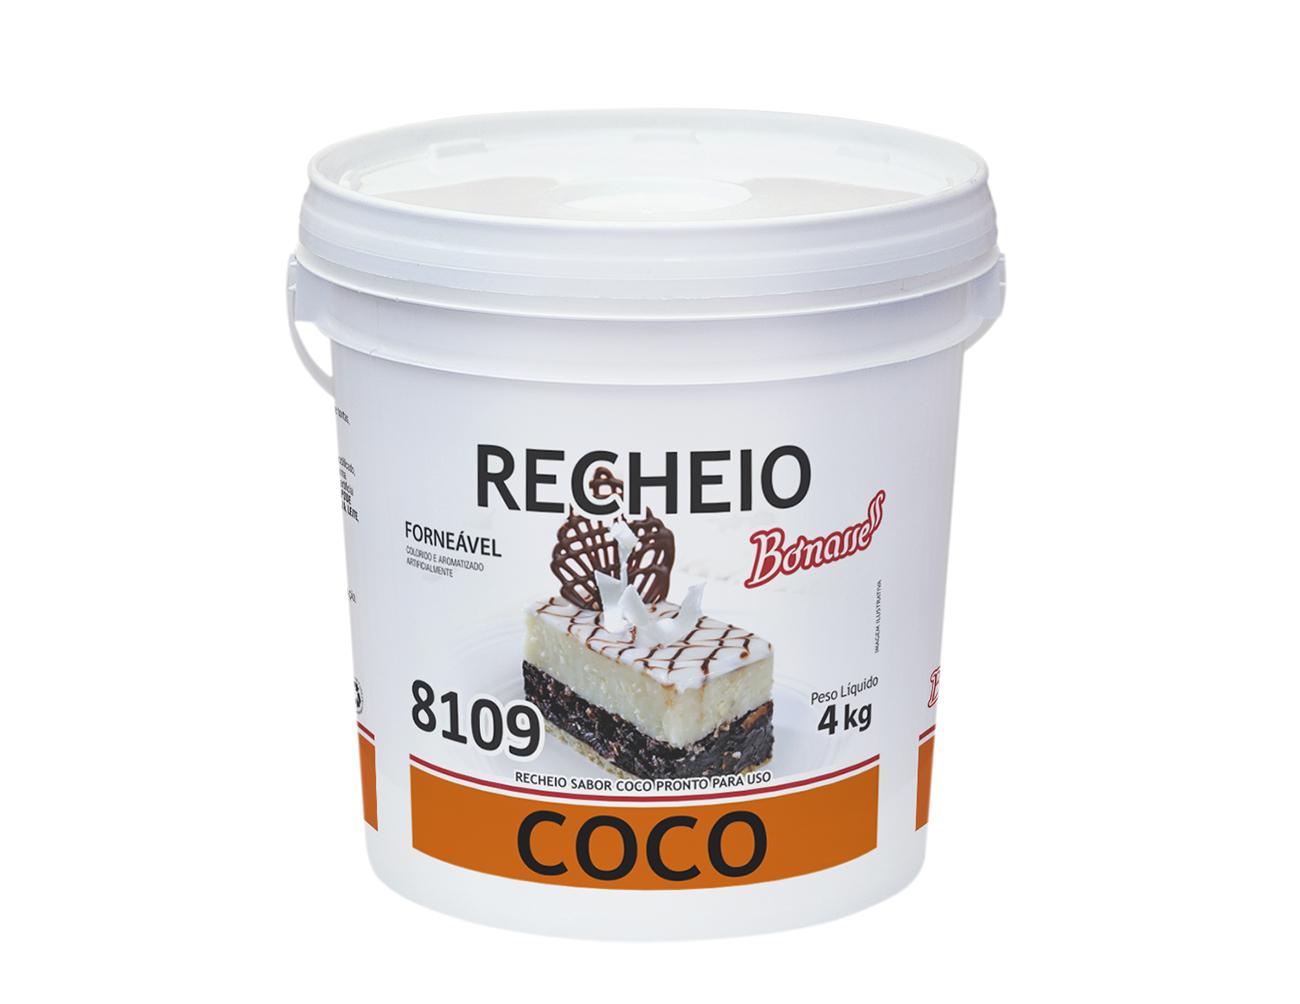 Recheio Coco